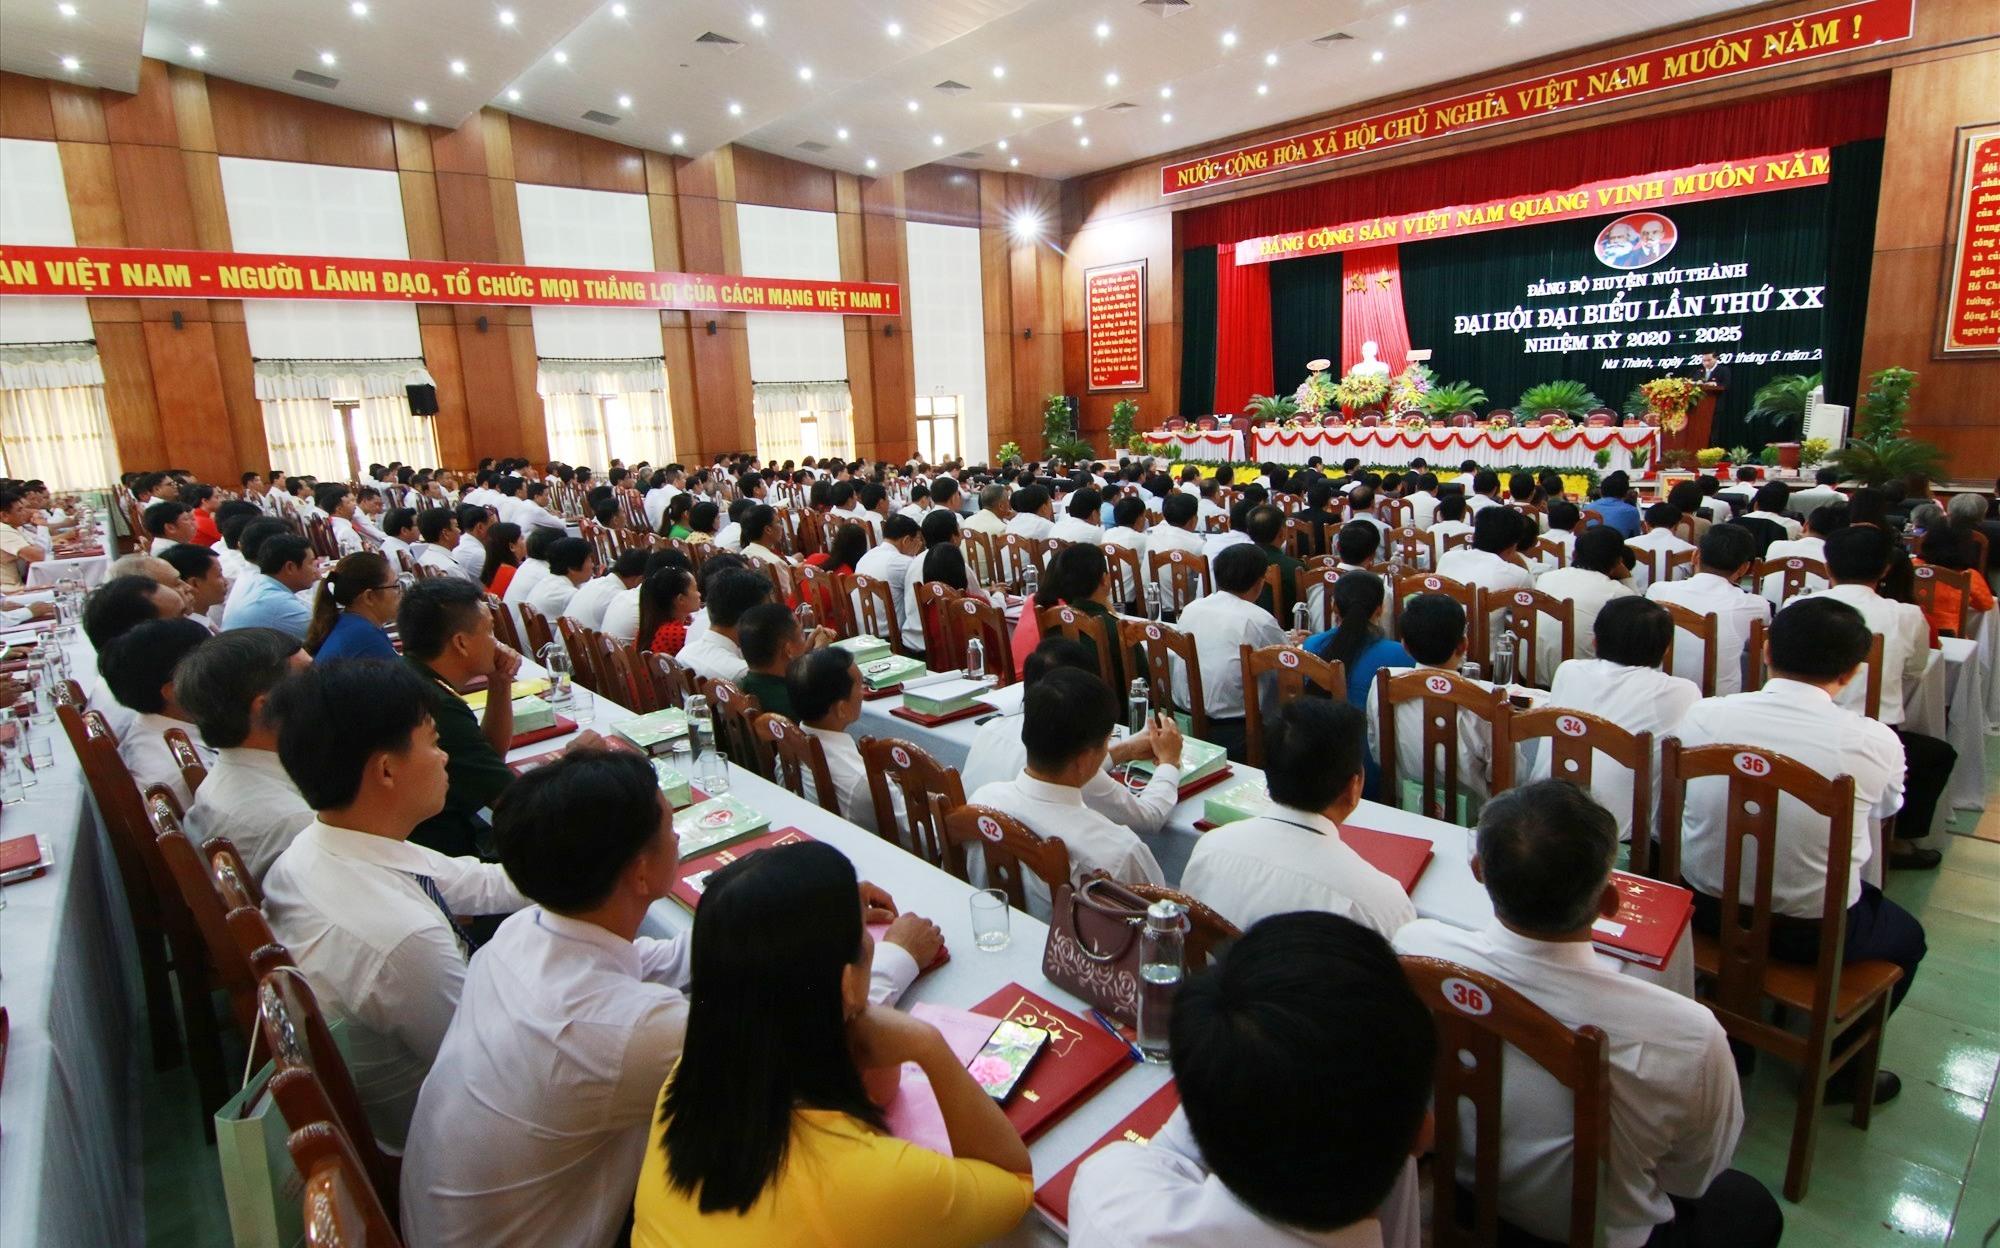 297 đại biểu đại diện cho hơn 5.000 Đảng viên huyện Núi Thành dự đại hội. Ảnh: T.C